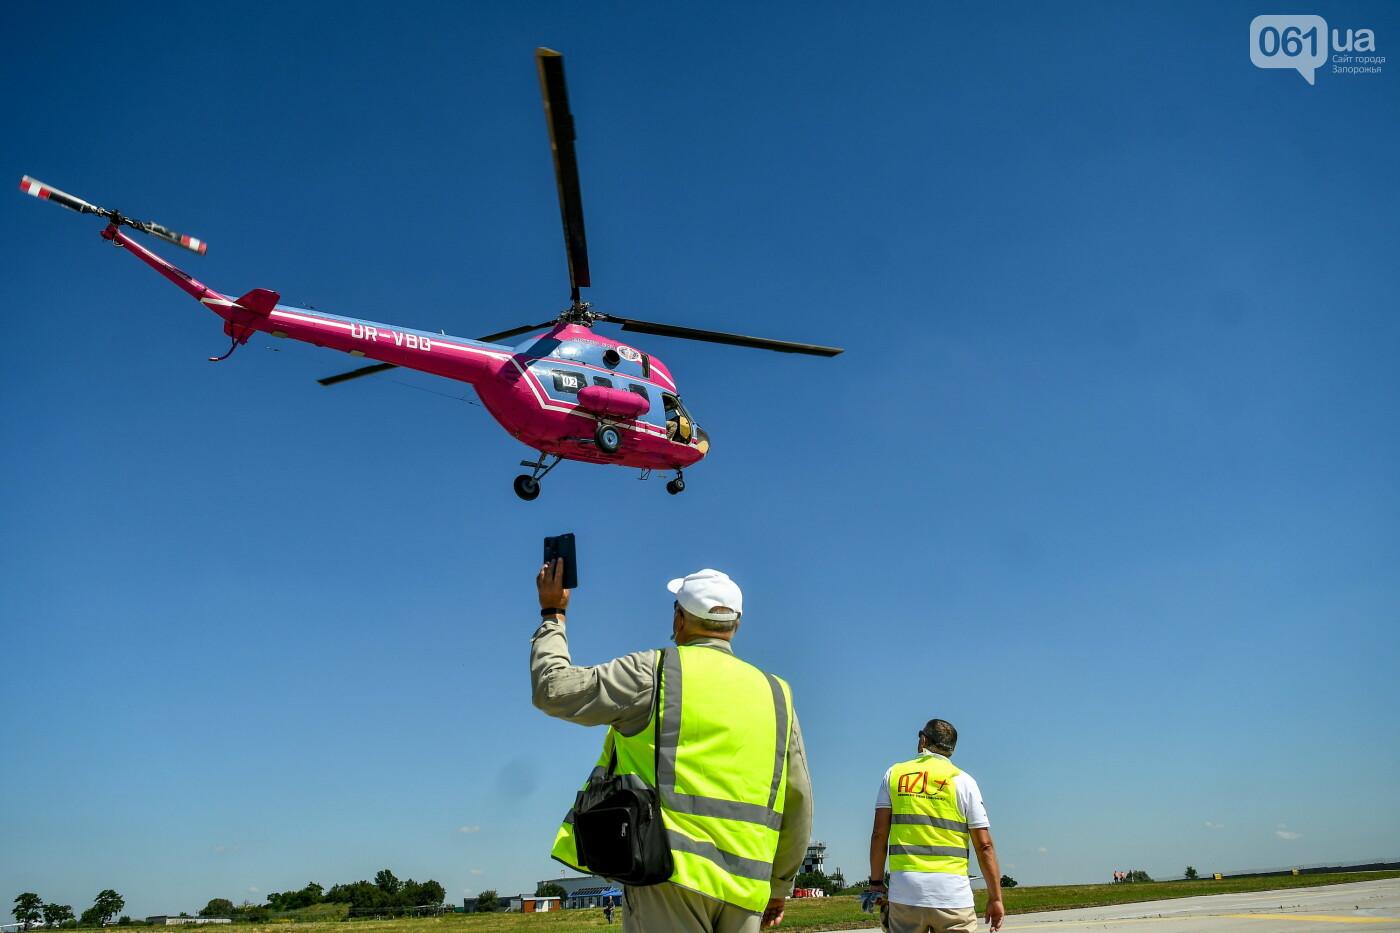 В Запорожье проходят соревнования по вертолетному спорту, - ФОТОРЕПОРТАЖ, фото-2